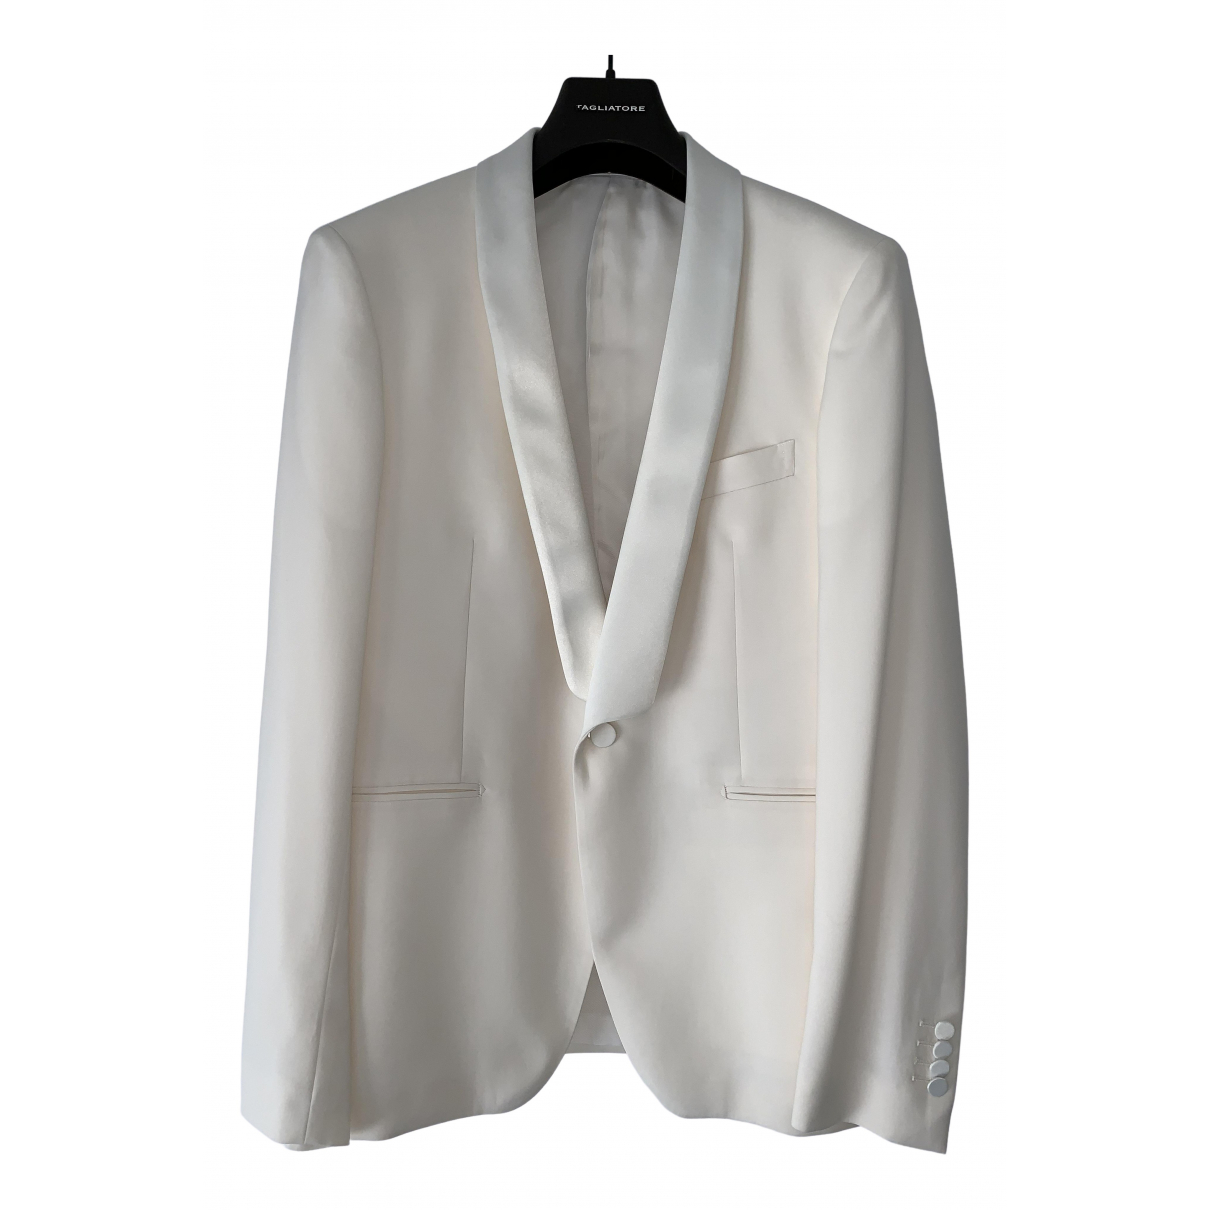 Tagliatore - Vestes.Blousons   pour homme en laine - blanc